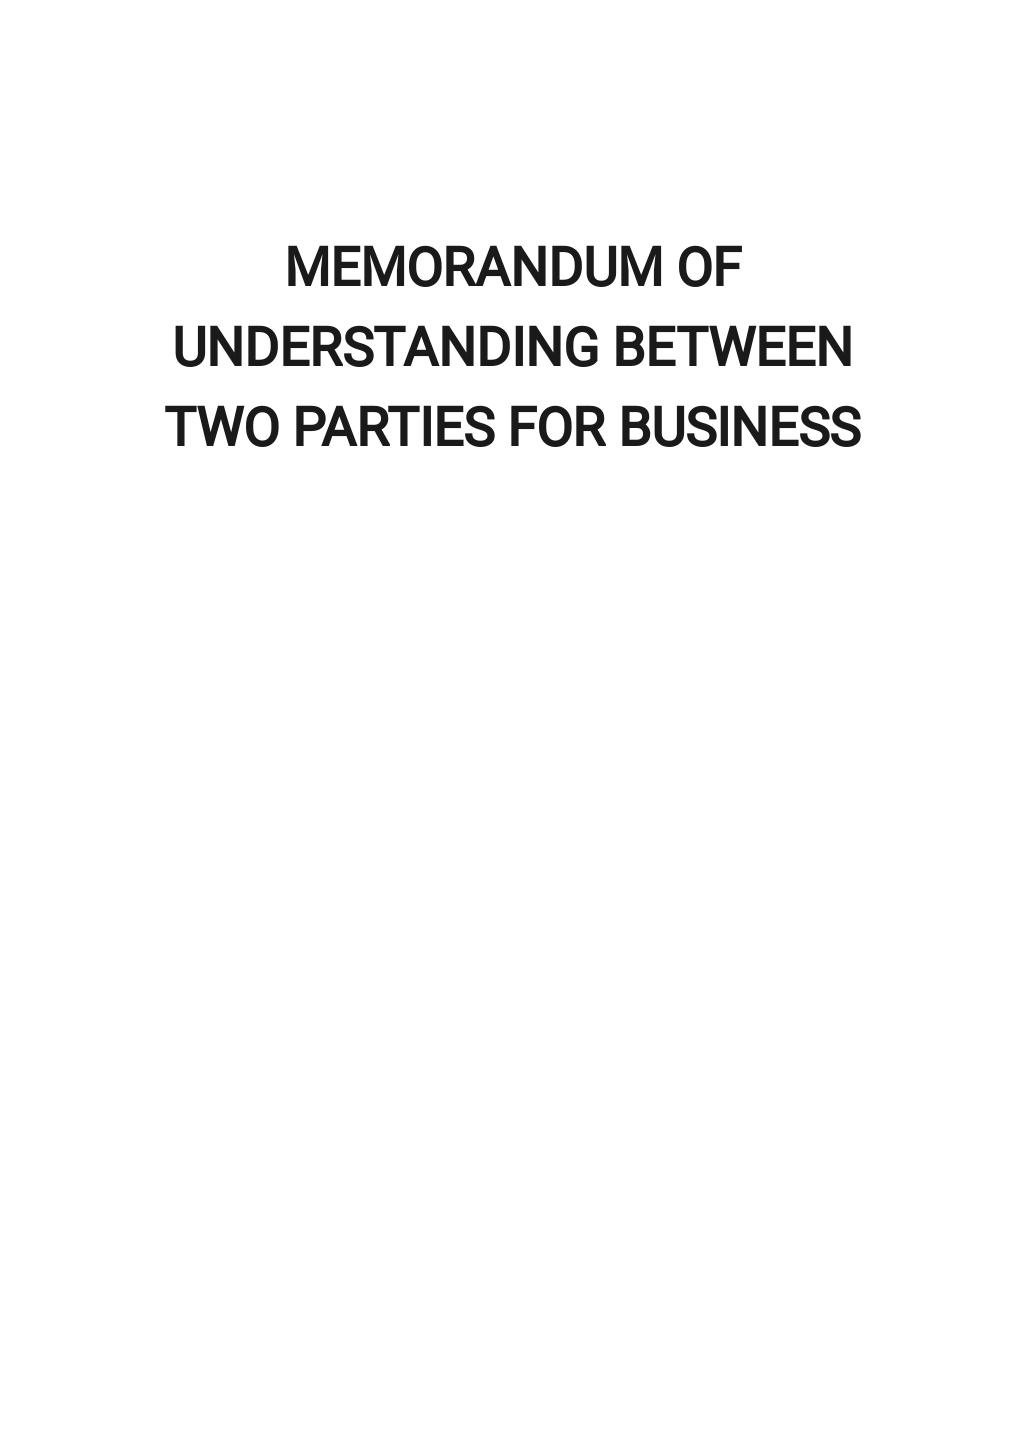 Memorandum of Understanding Between Two Parties for Business Template.jpe